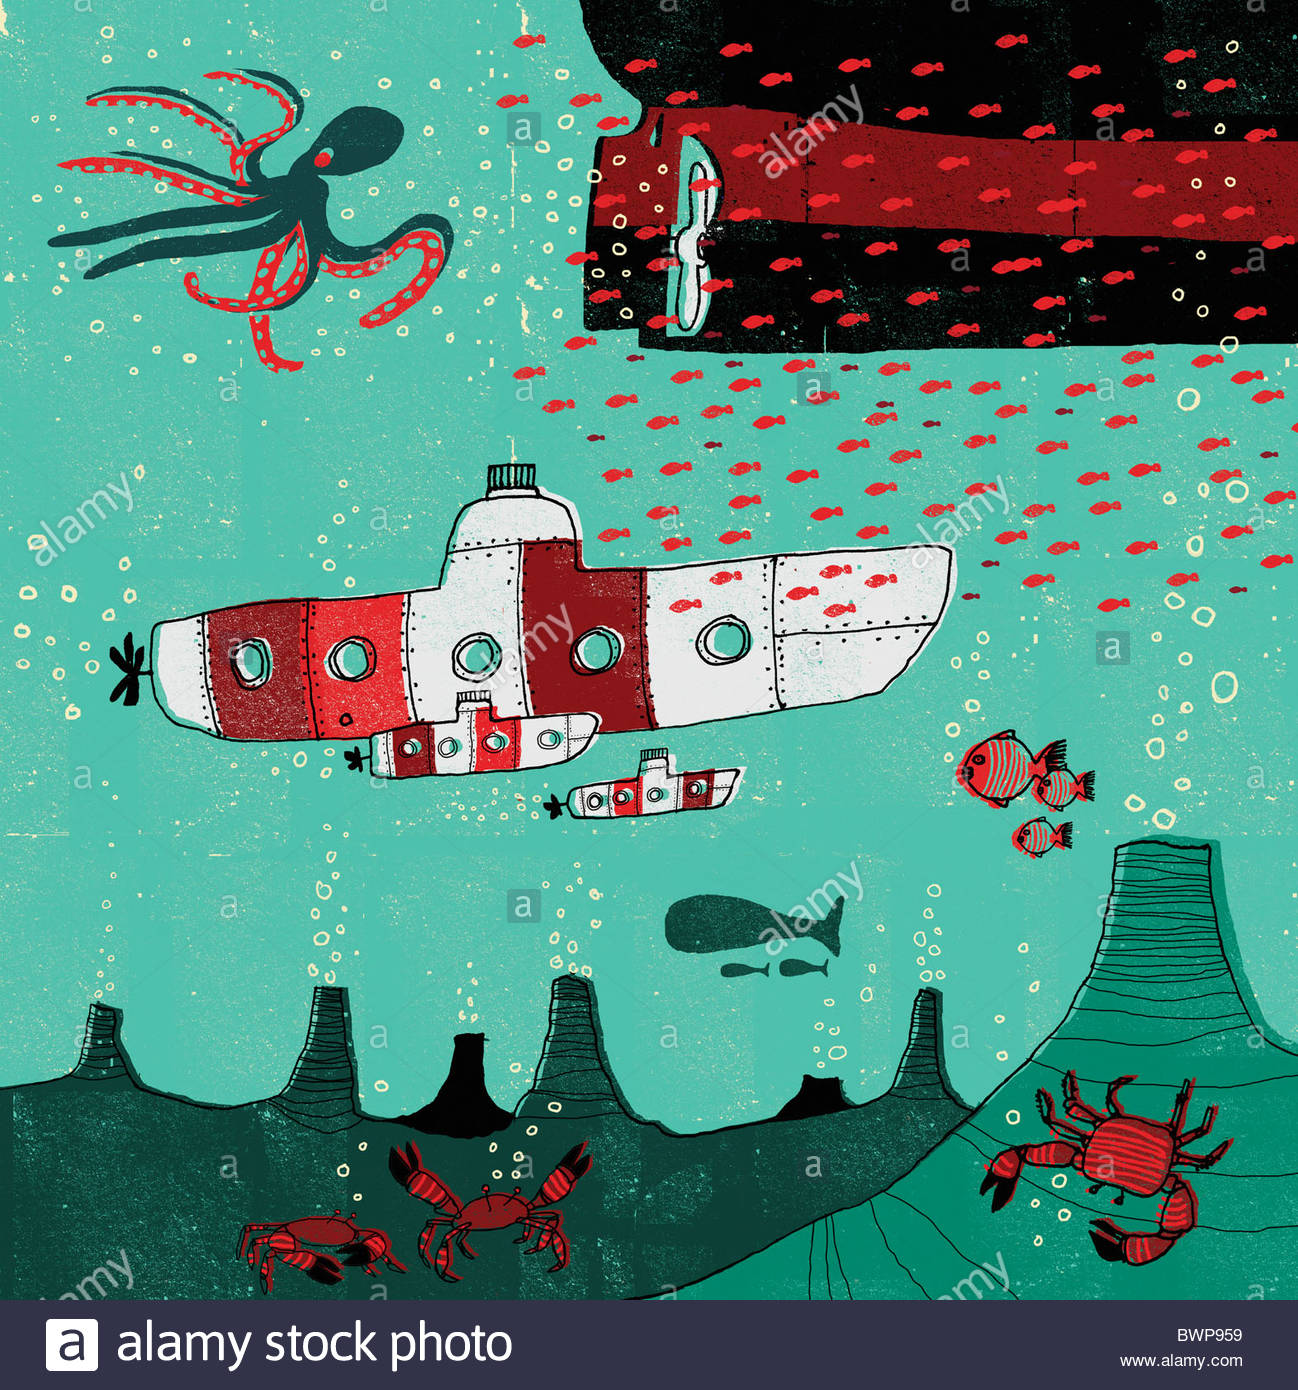 Submarinos submarino viajando en el océano Foto de stock